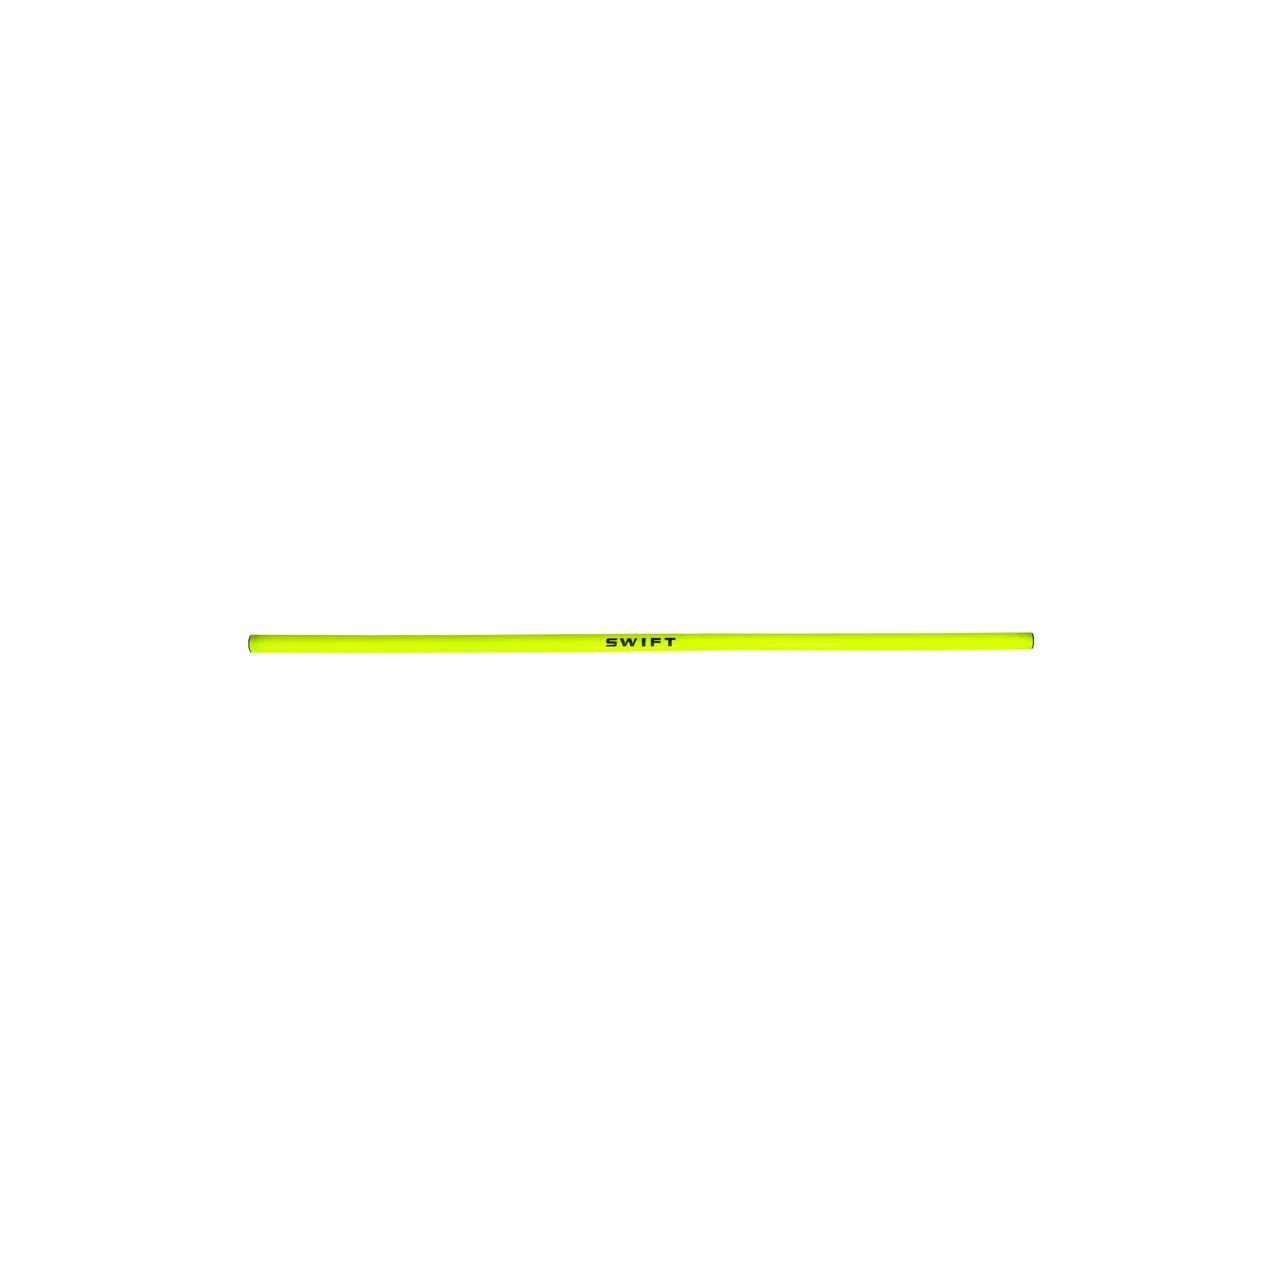 Палиця гімнастична SWIFT Training Pole 80 см